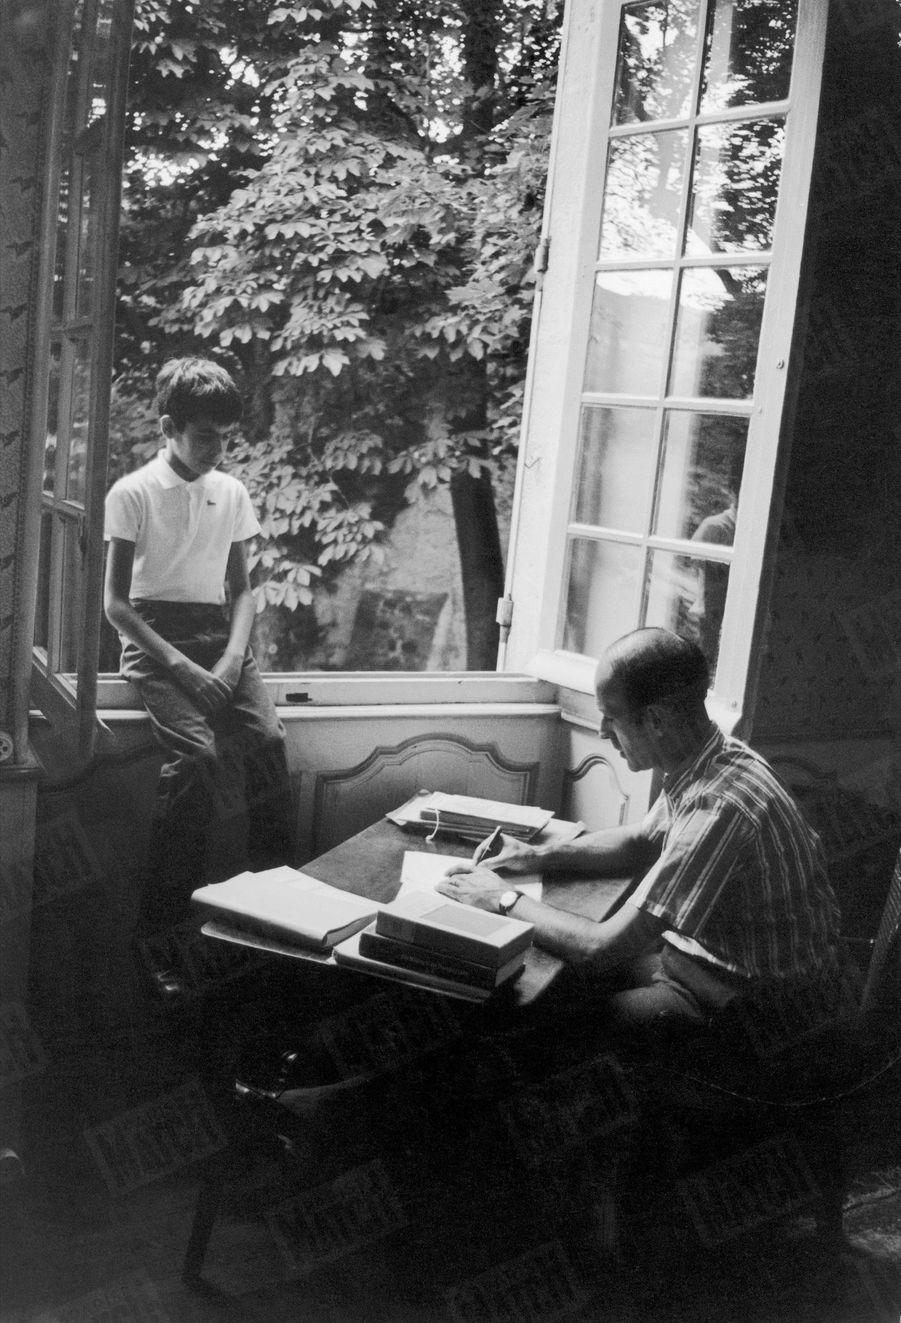 Valéry Giscard d'Estaing écrit à sa table de travail en présence de son fils Henri, 10 ans, dans la maison familiale du Puy-de-Dôme, en août 1967.